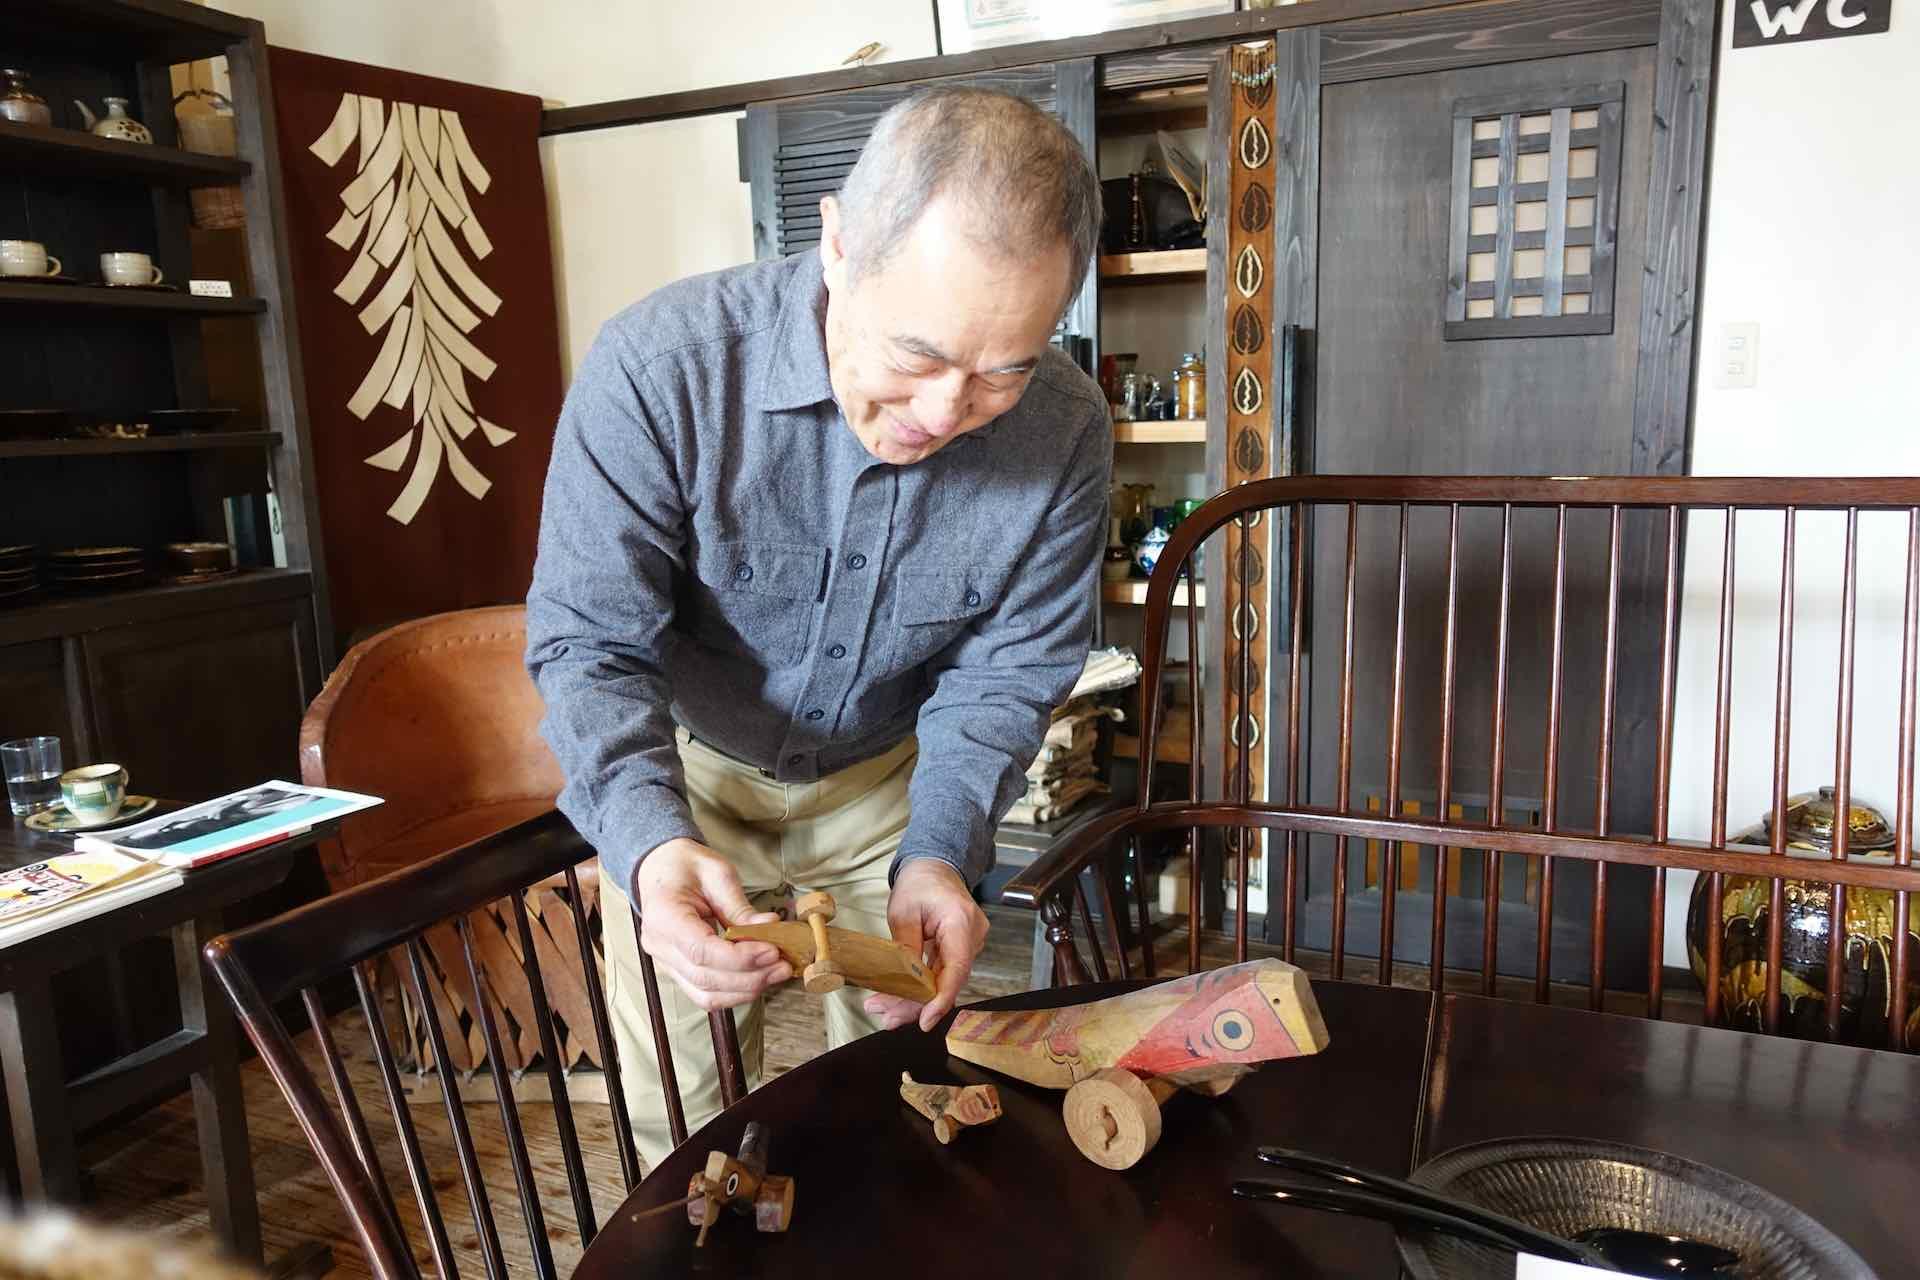 熊本の民芸の名店、魚座民芸店から特別に譲ってもらったという郷土玩具「きじ車」を見せてくださった永田さん。笑顔が素敵です